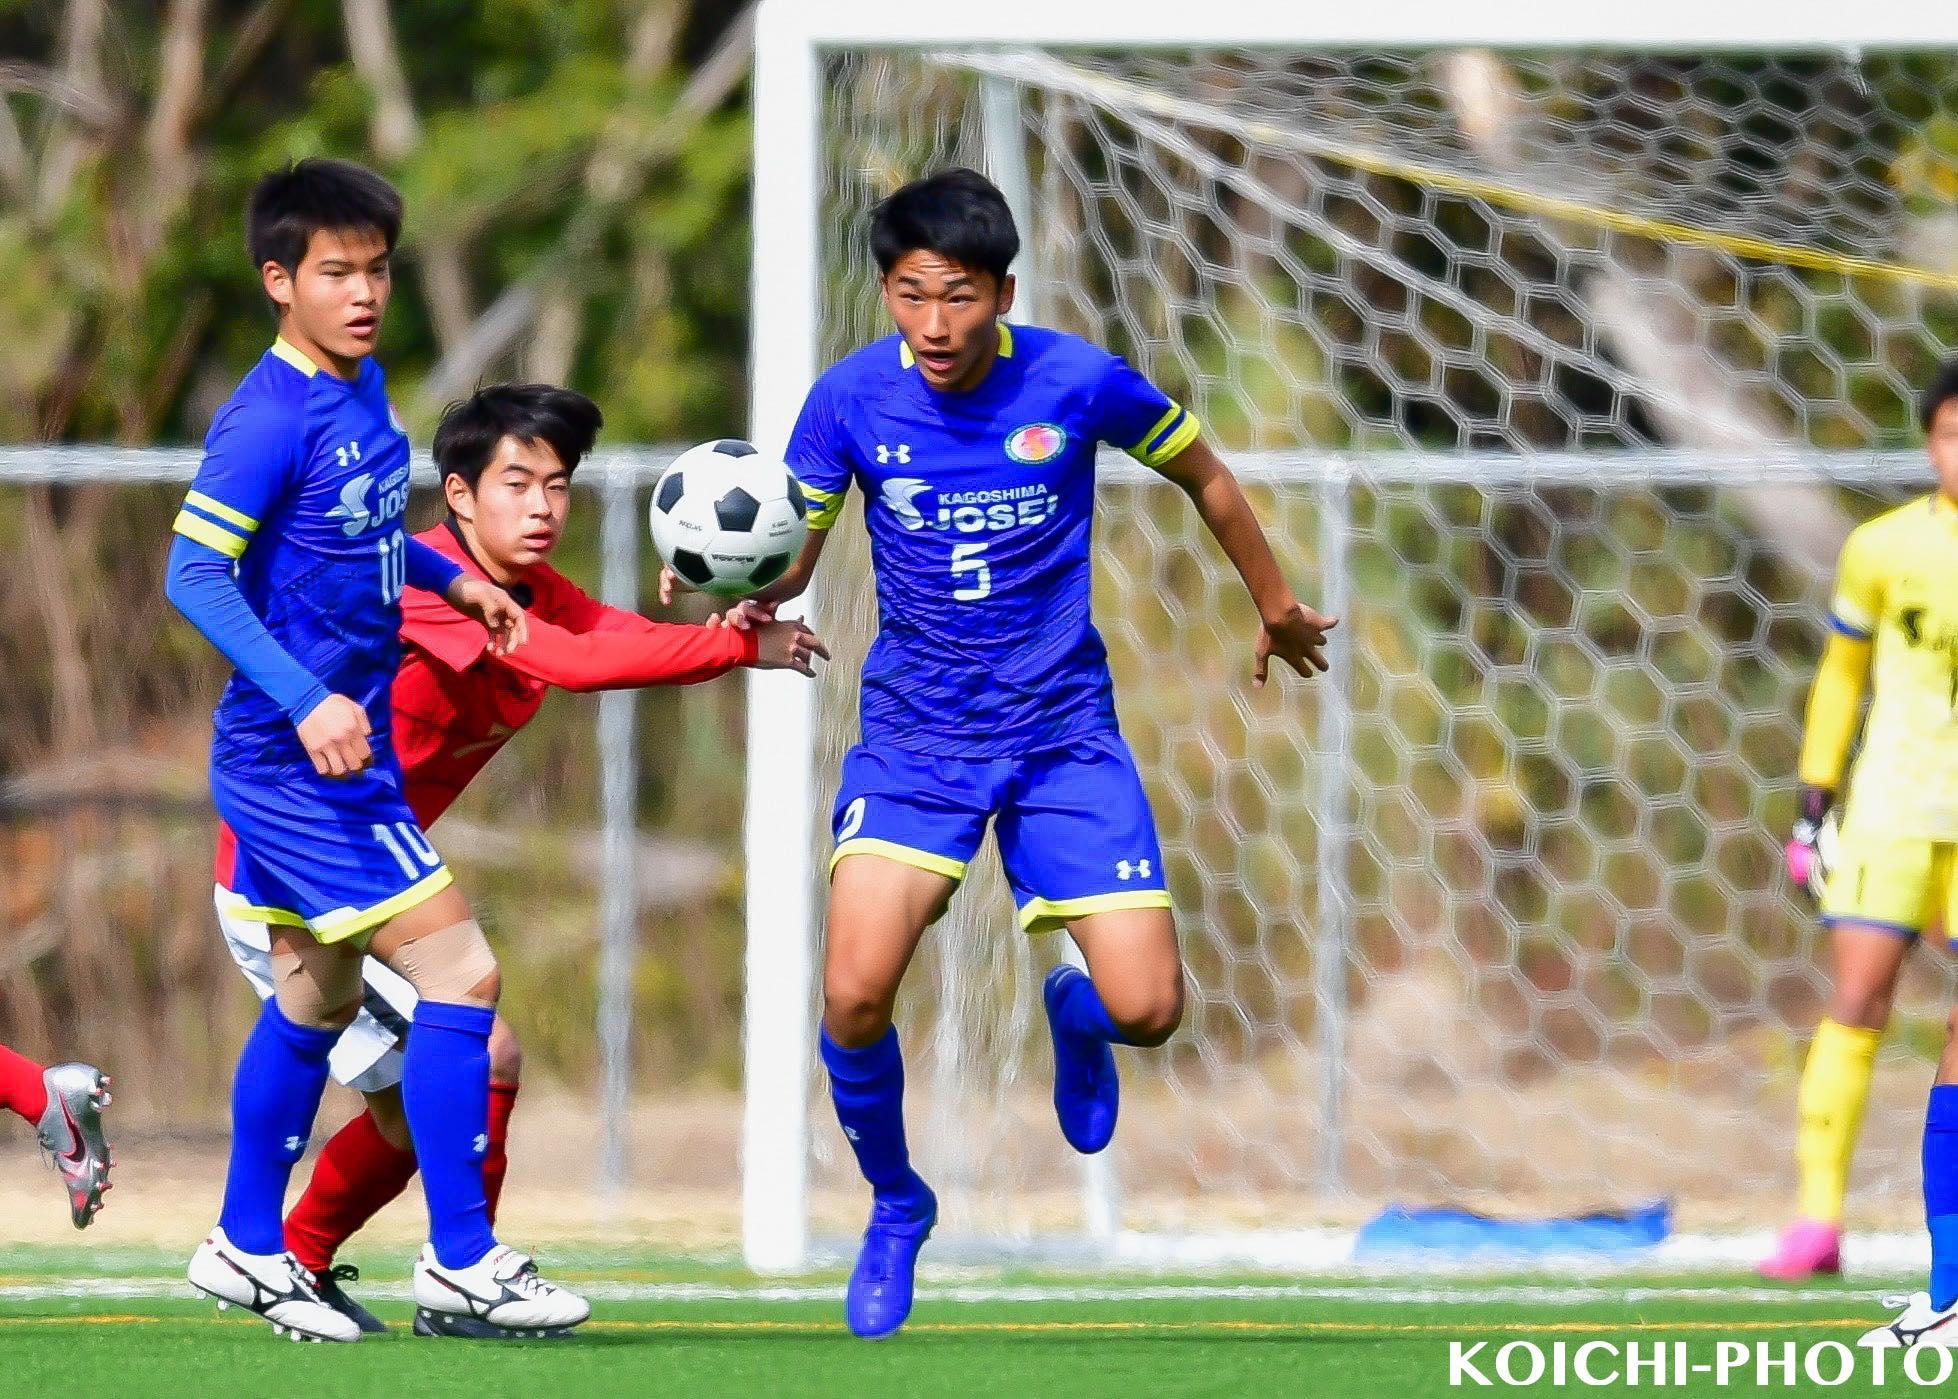 山口 県 高校 サッカー 新人 戦 2021 山口県のニュース 高校サッカードットコム